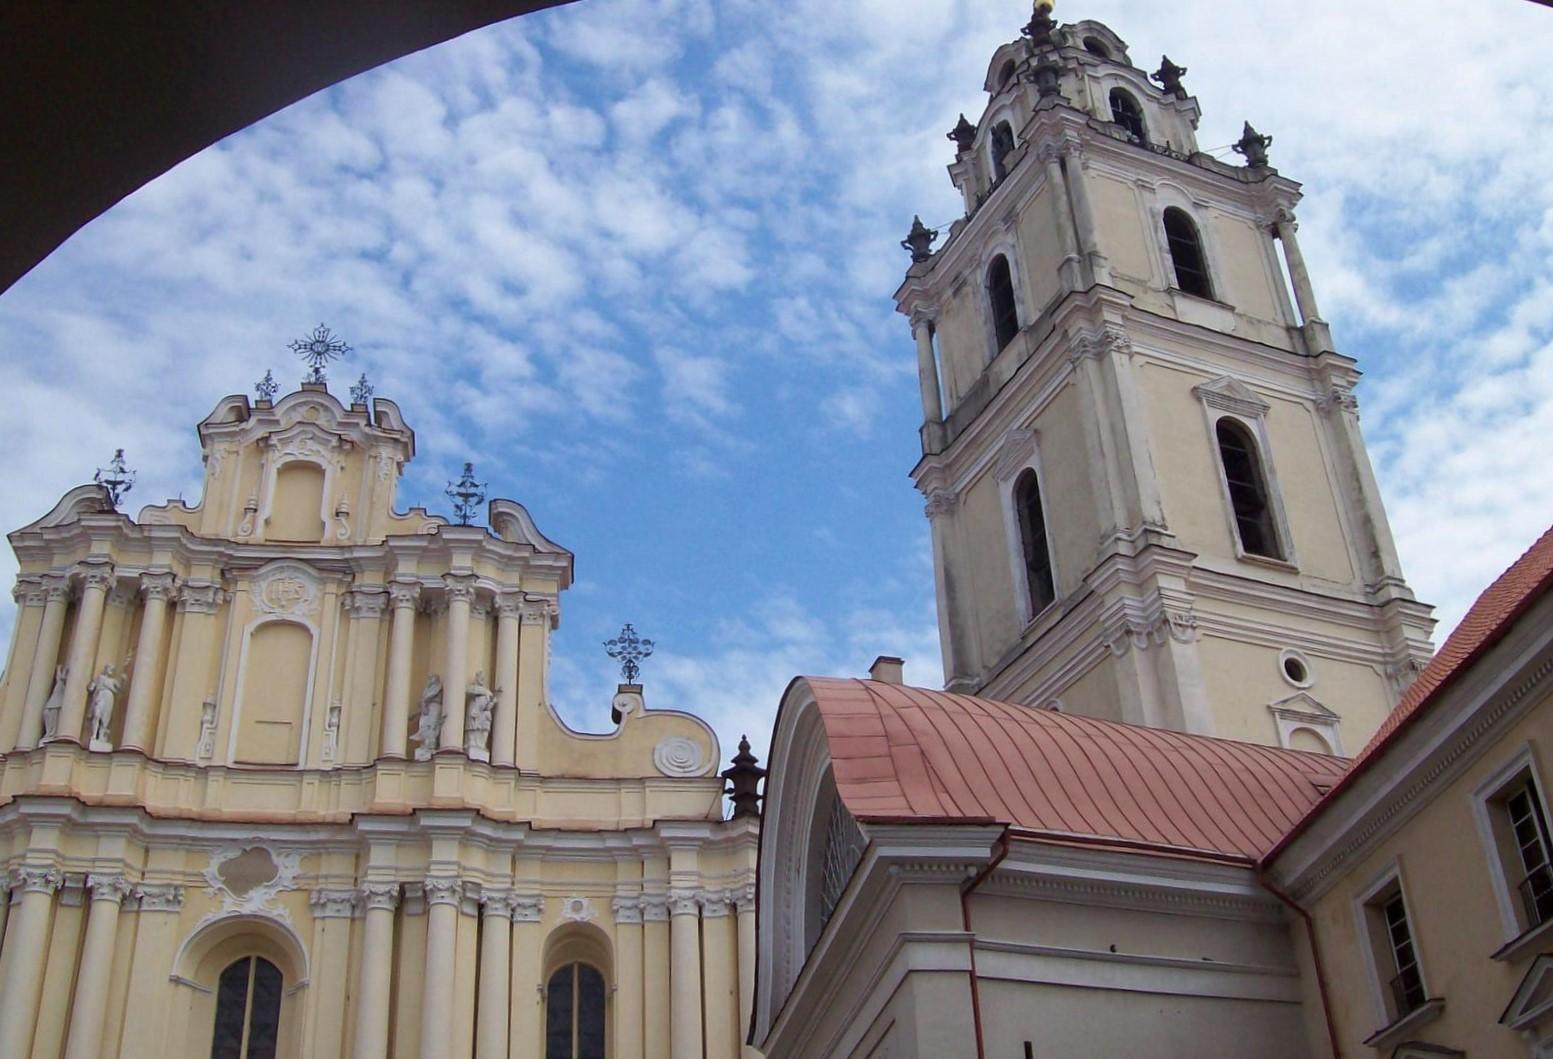 St. Johannis in Vilnius / Litauen